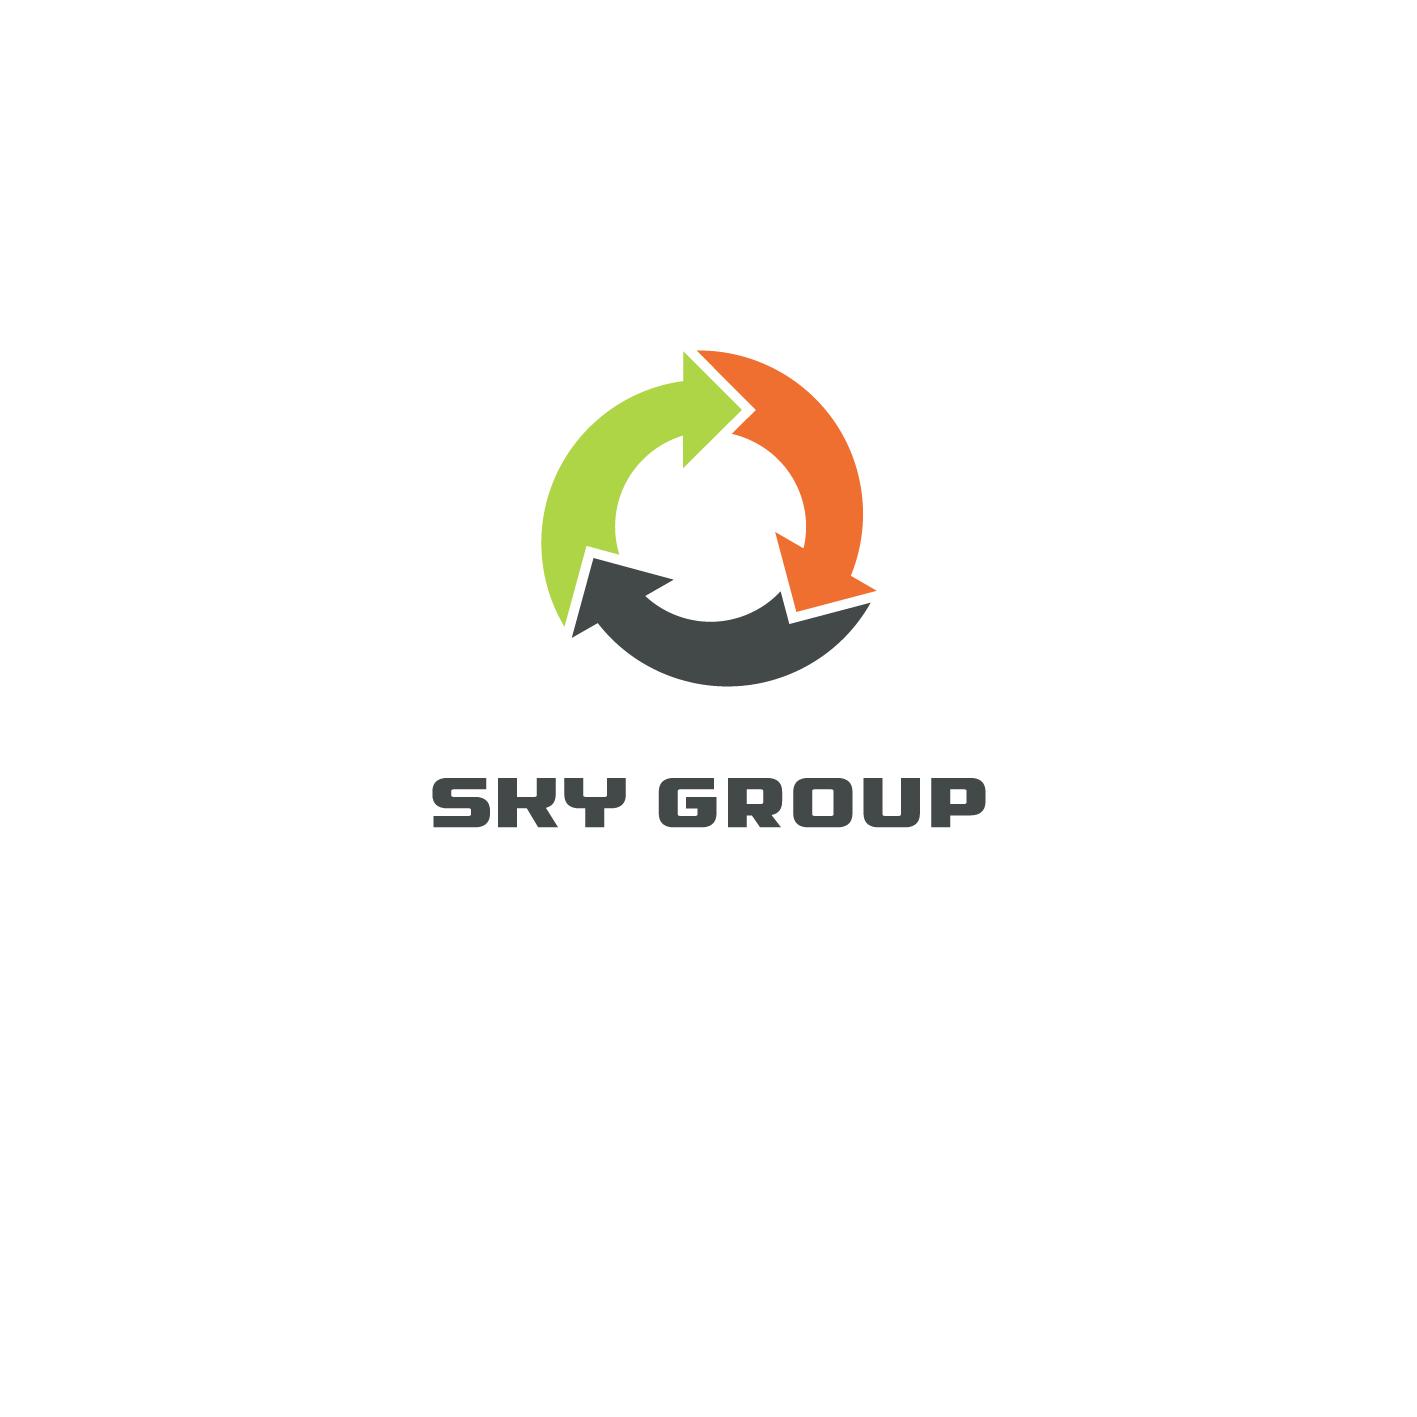 Новый логотип для производственной компании фото f_6015a833653dcb14.png